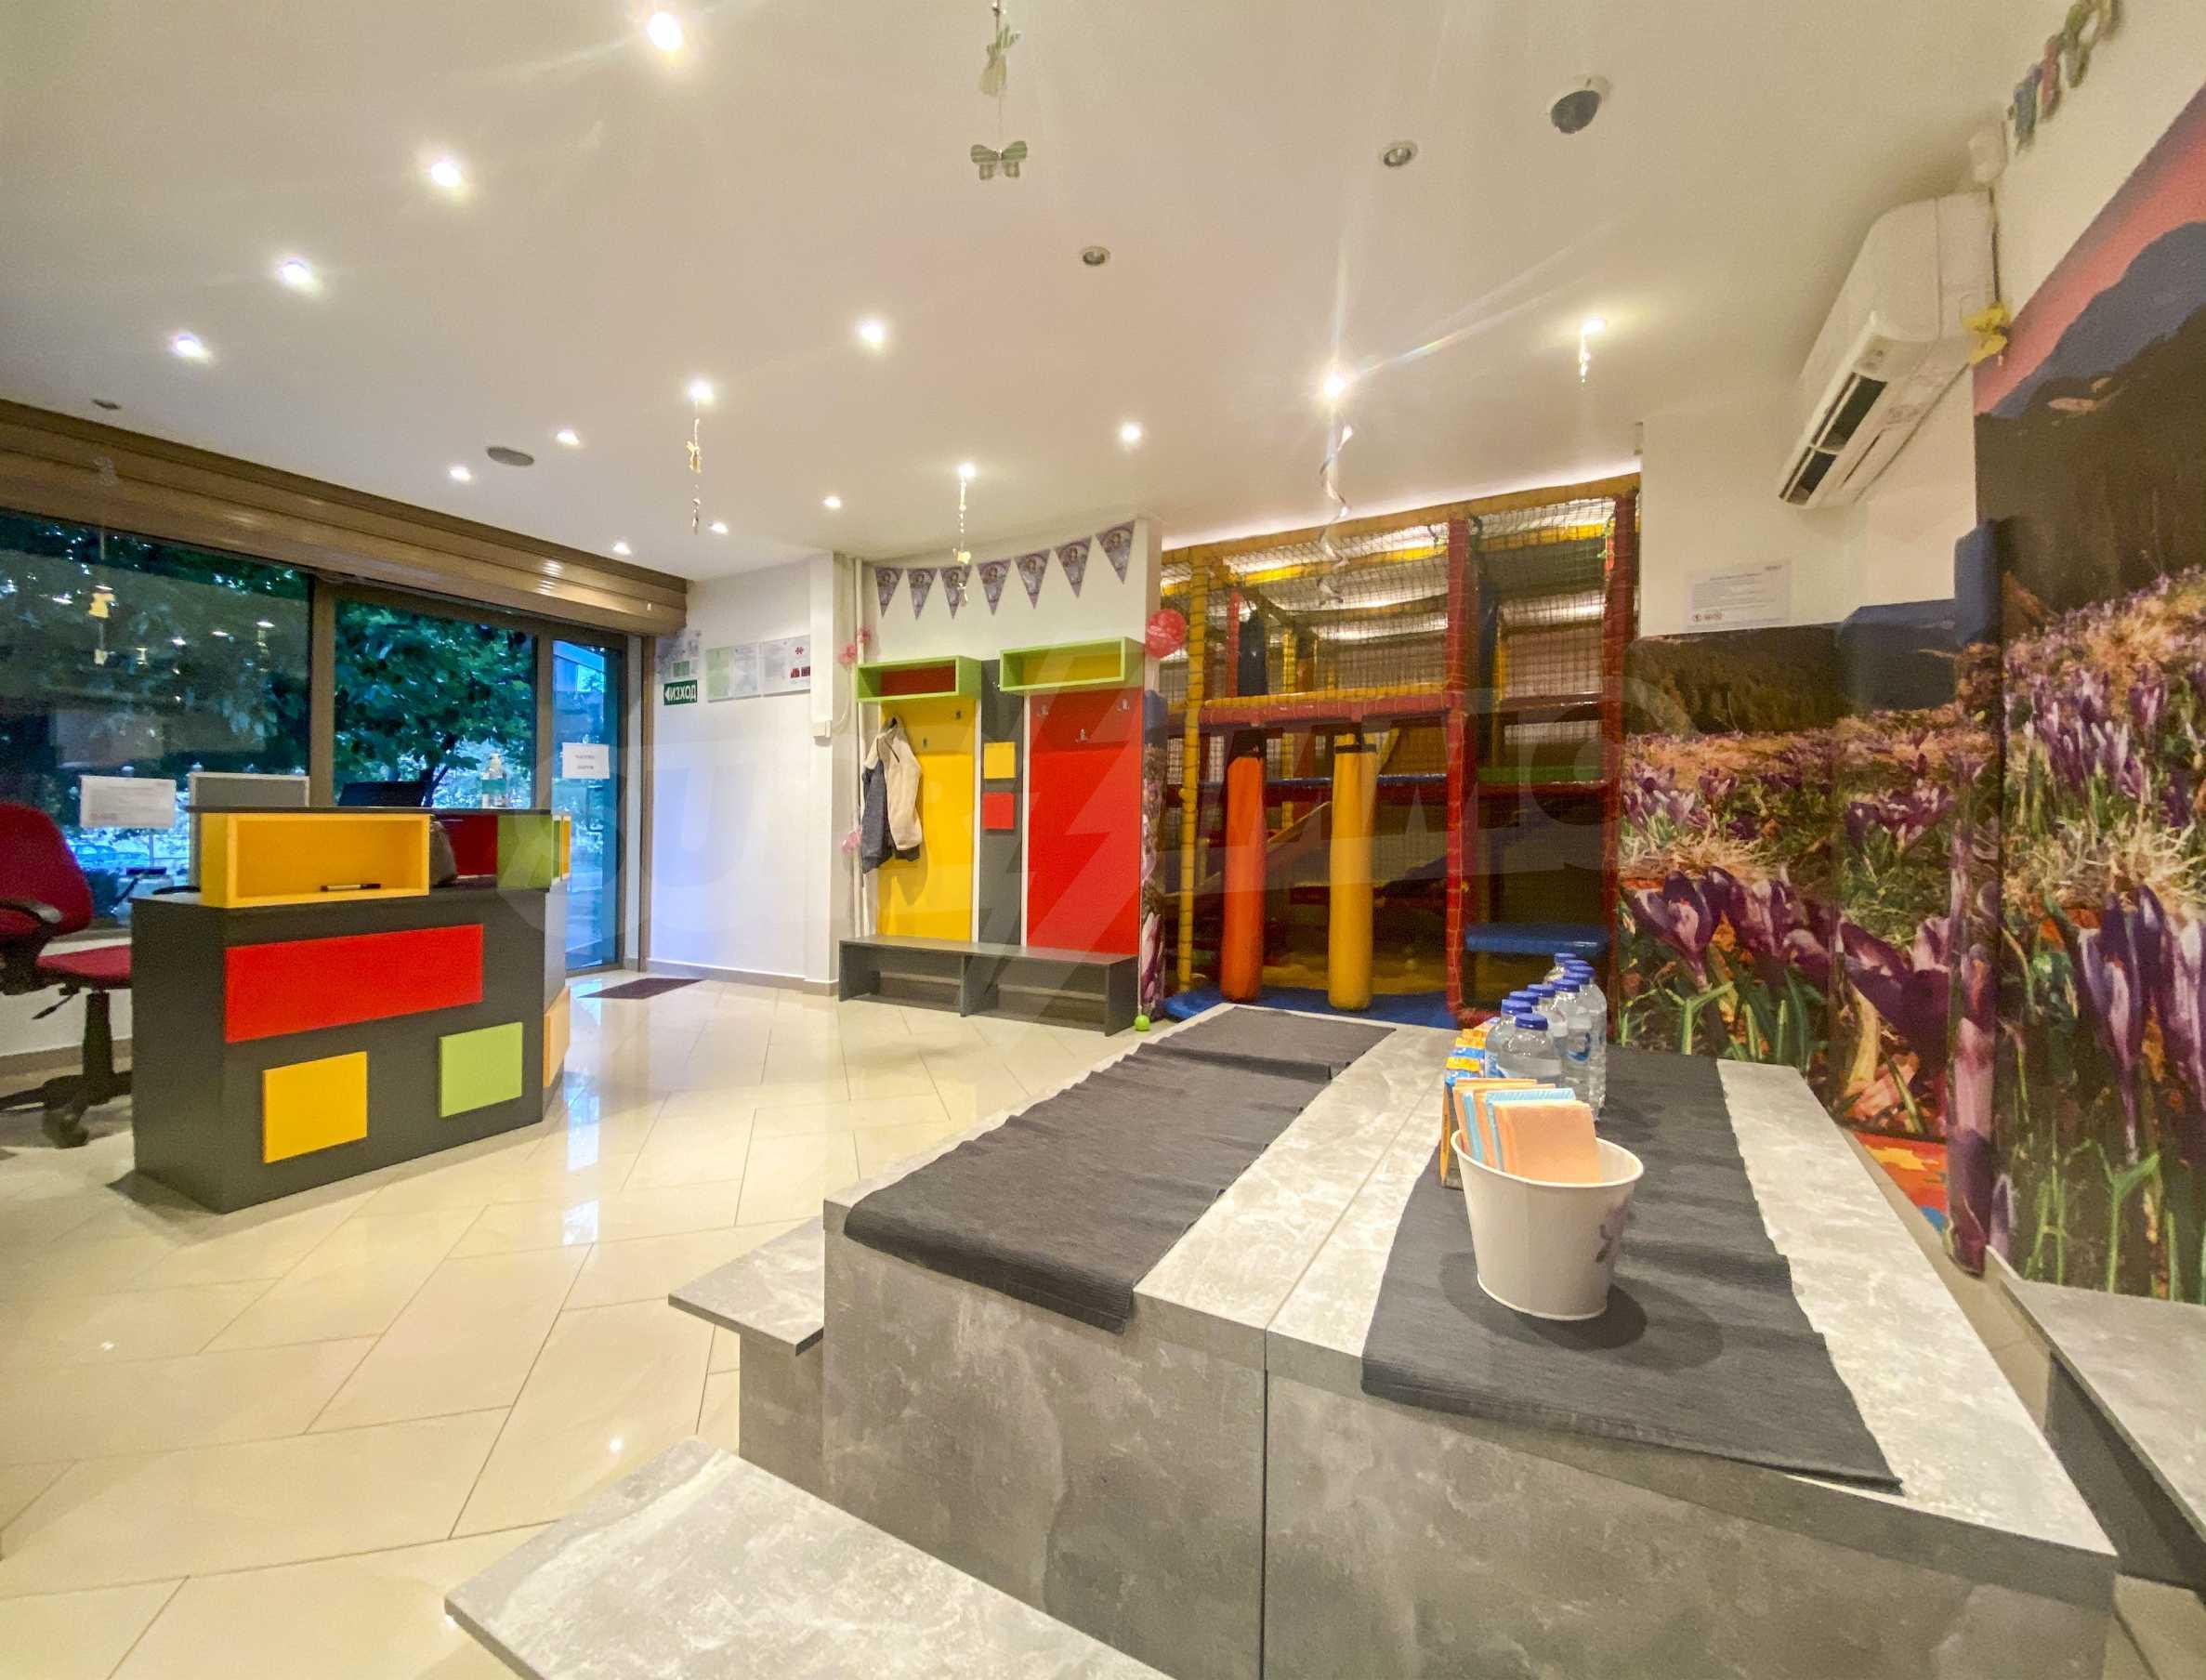 Инвестиционная недвижимость в аренду с действующим бизнесом в Красной Поляне 1 4